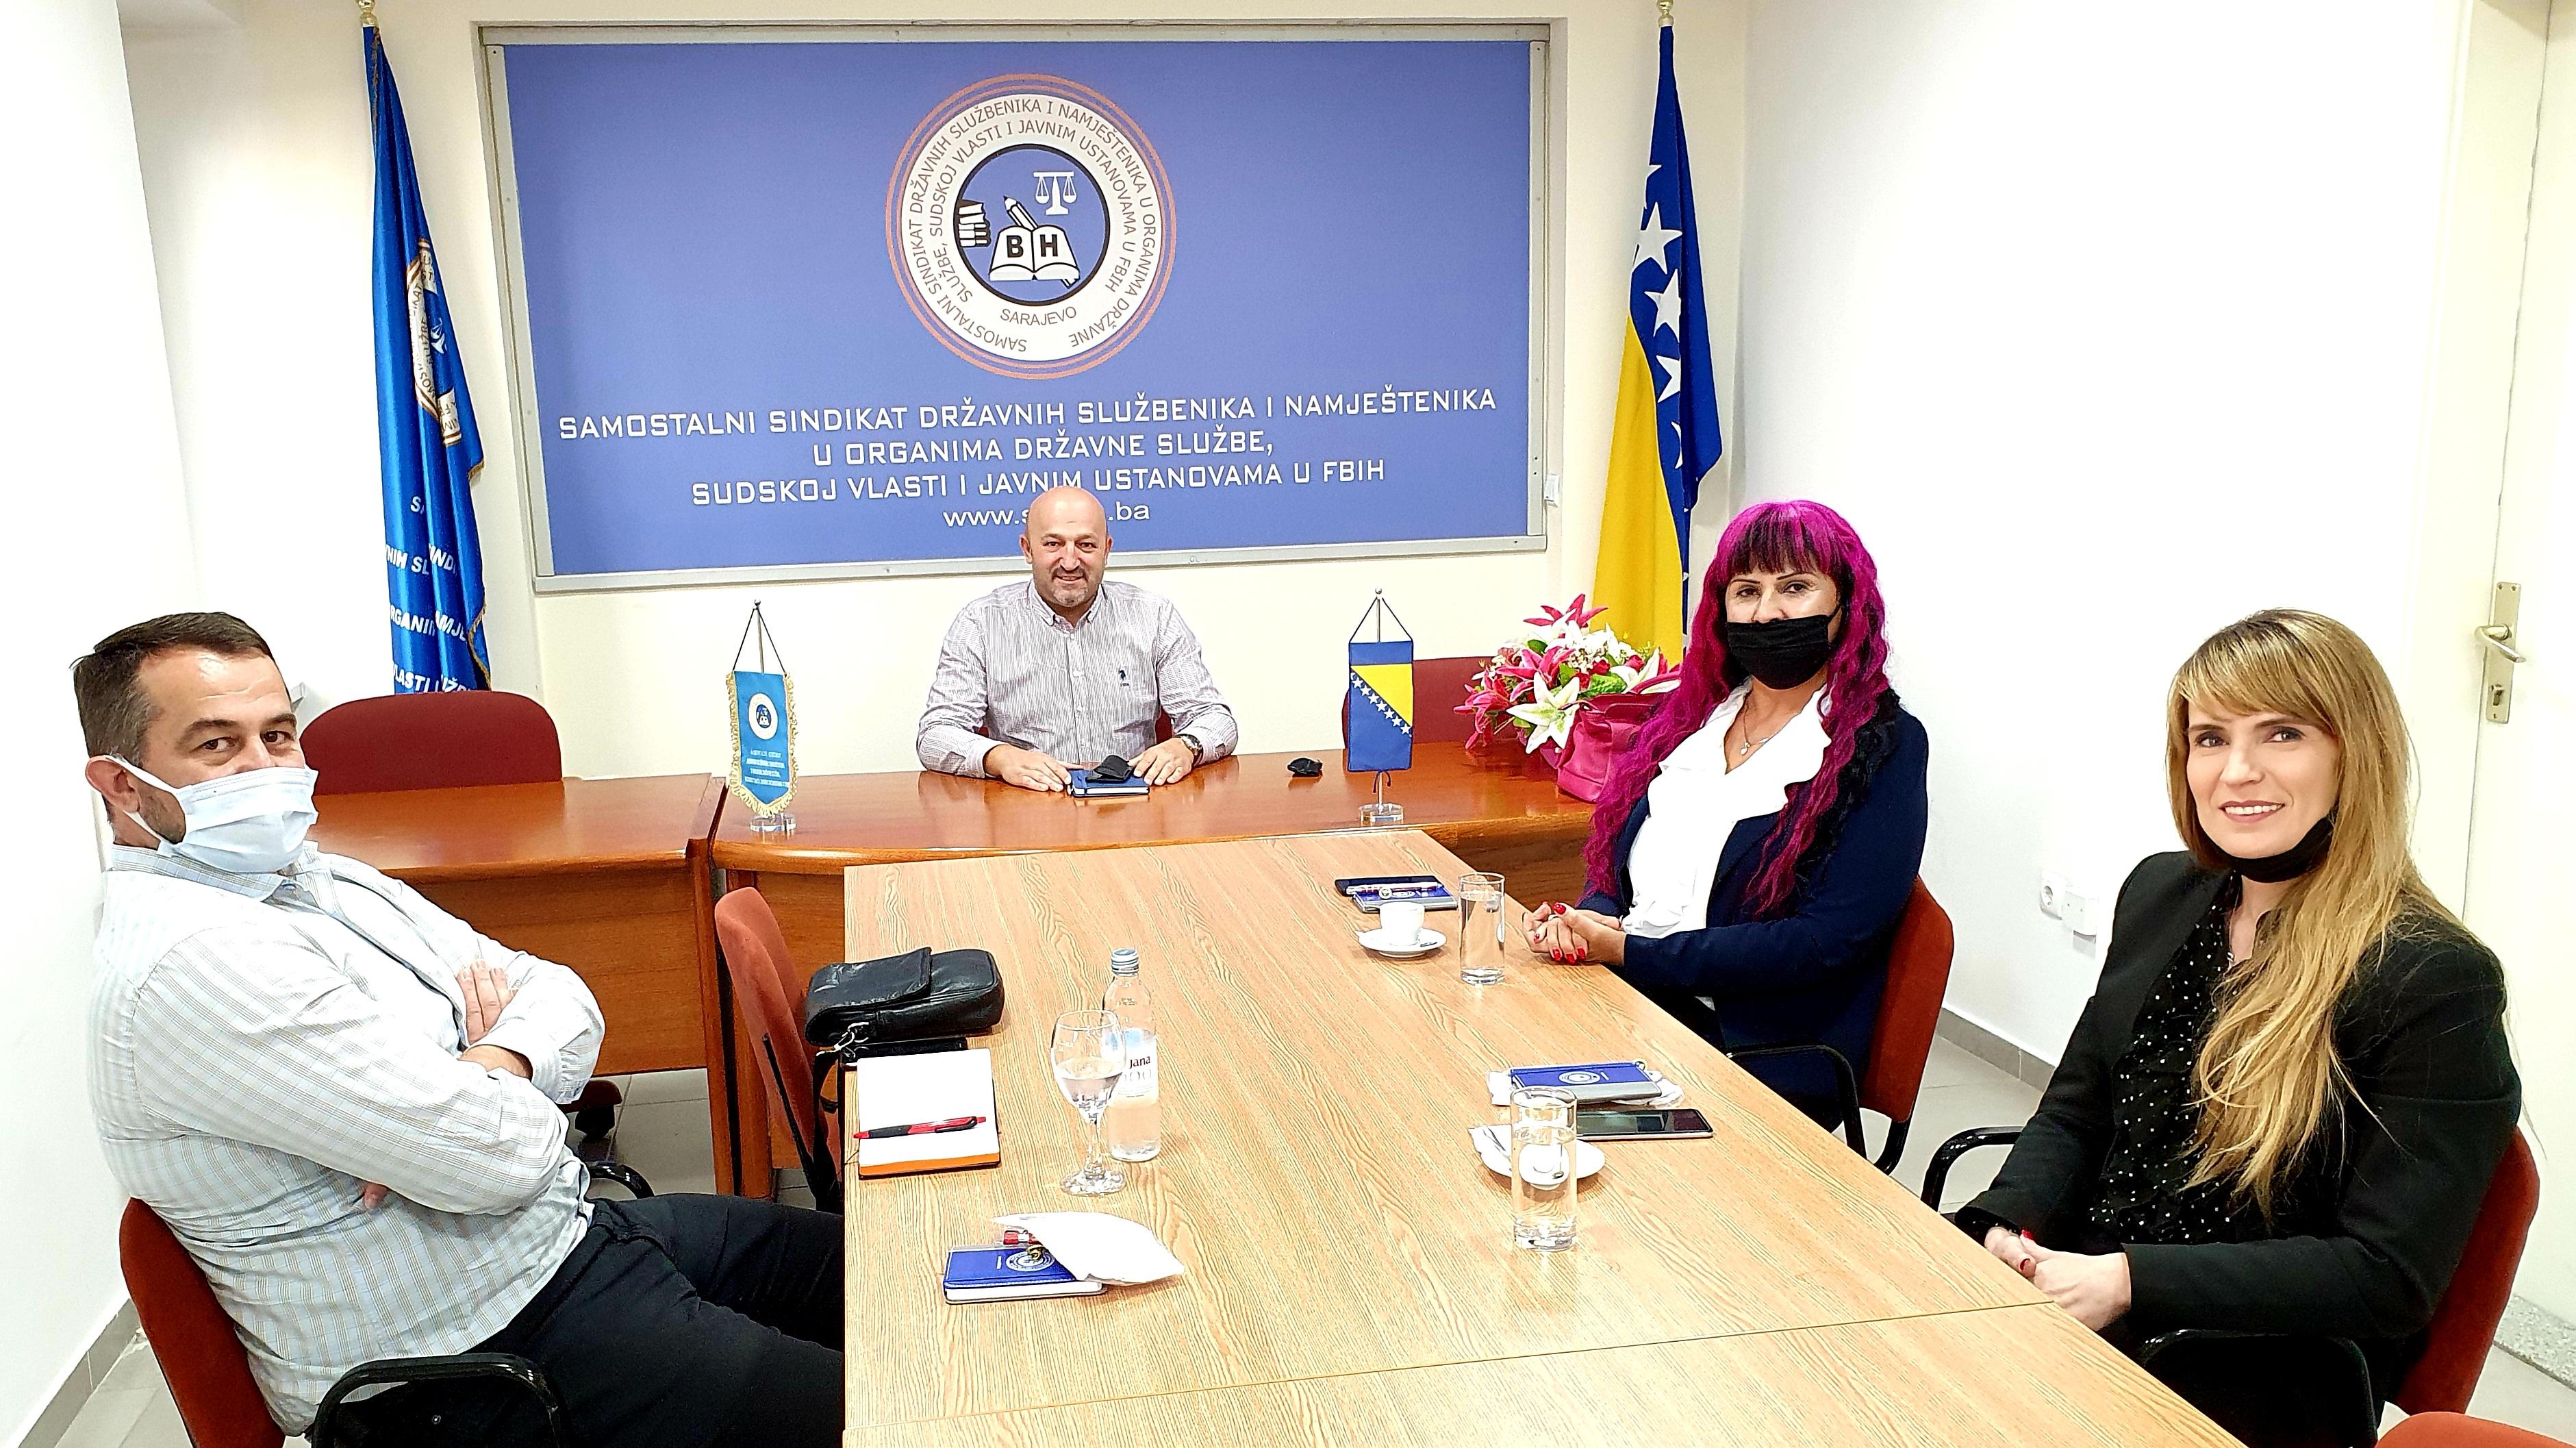 Održan Radni Sastanak Sa Predstavnicima Sindikata Federalnog Ministarstva Obrazovanja I Nauke